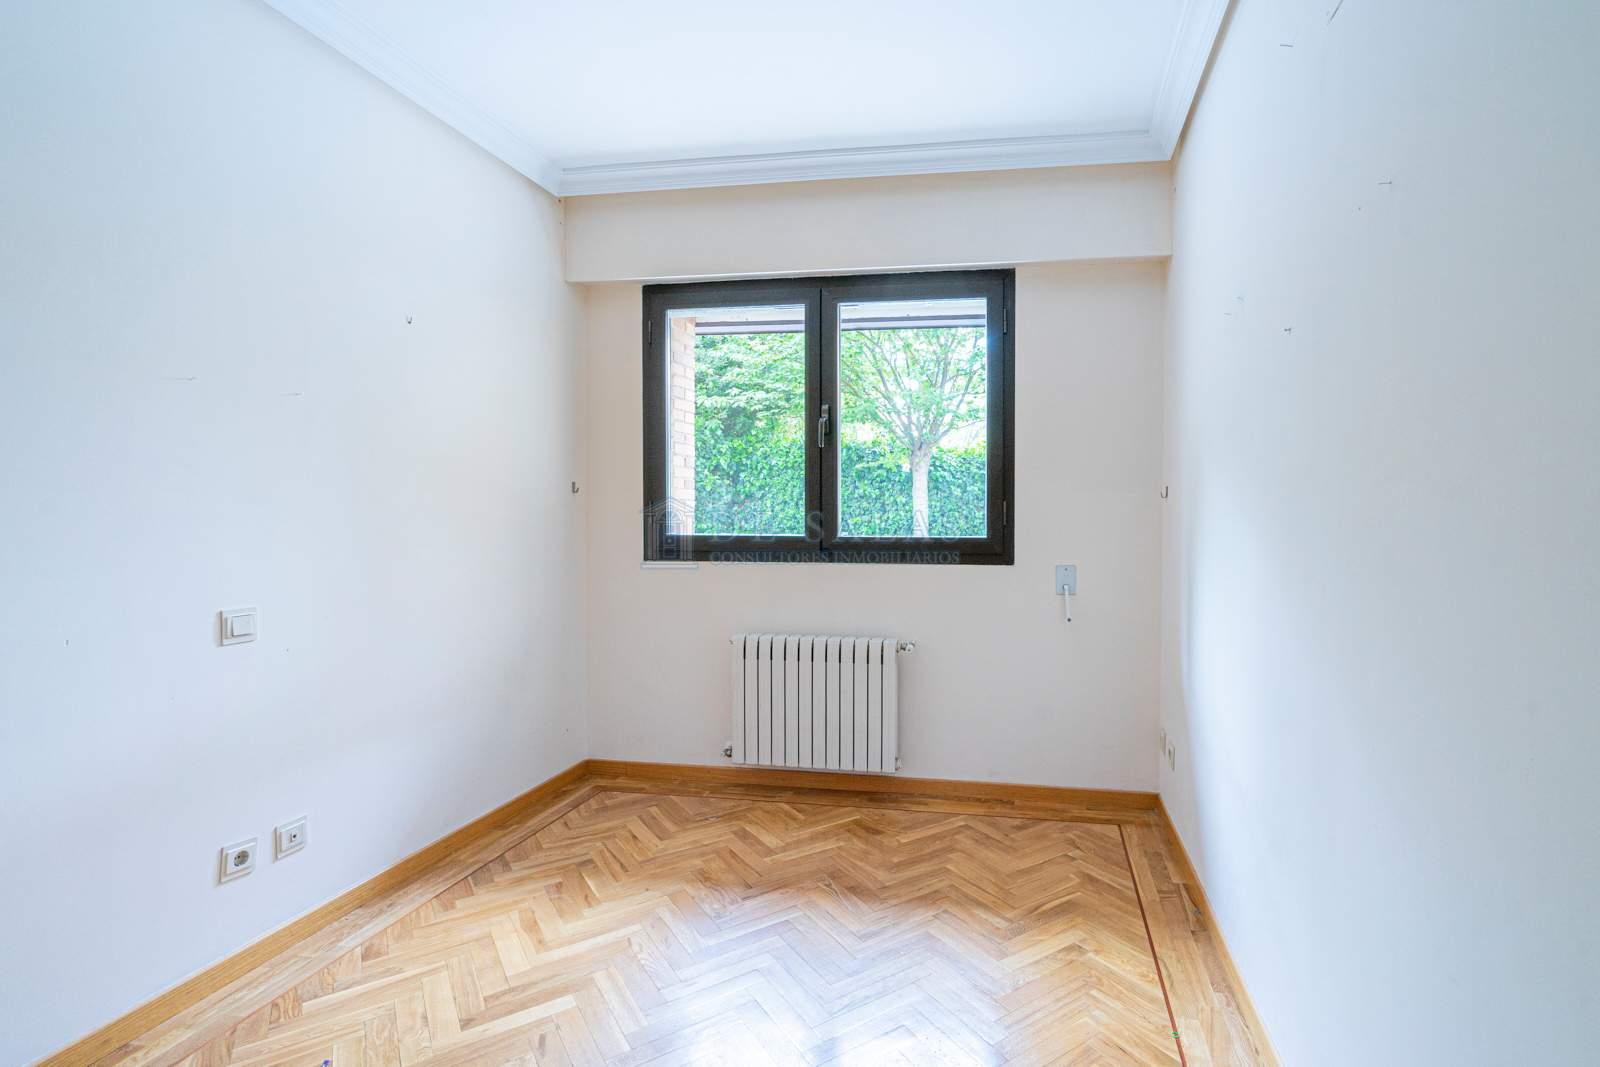 Dormitorio-0012 Appartement El Encinar de los Reyes